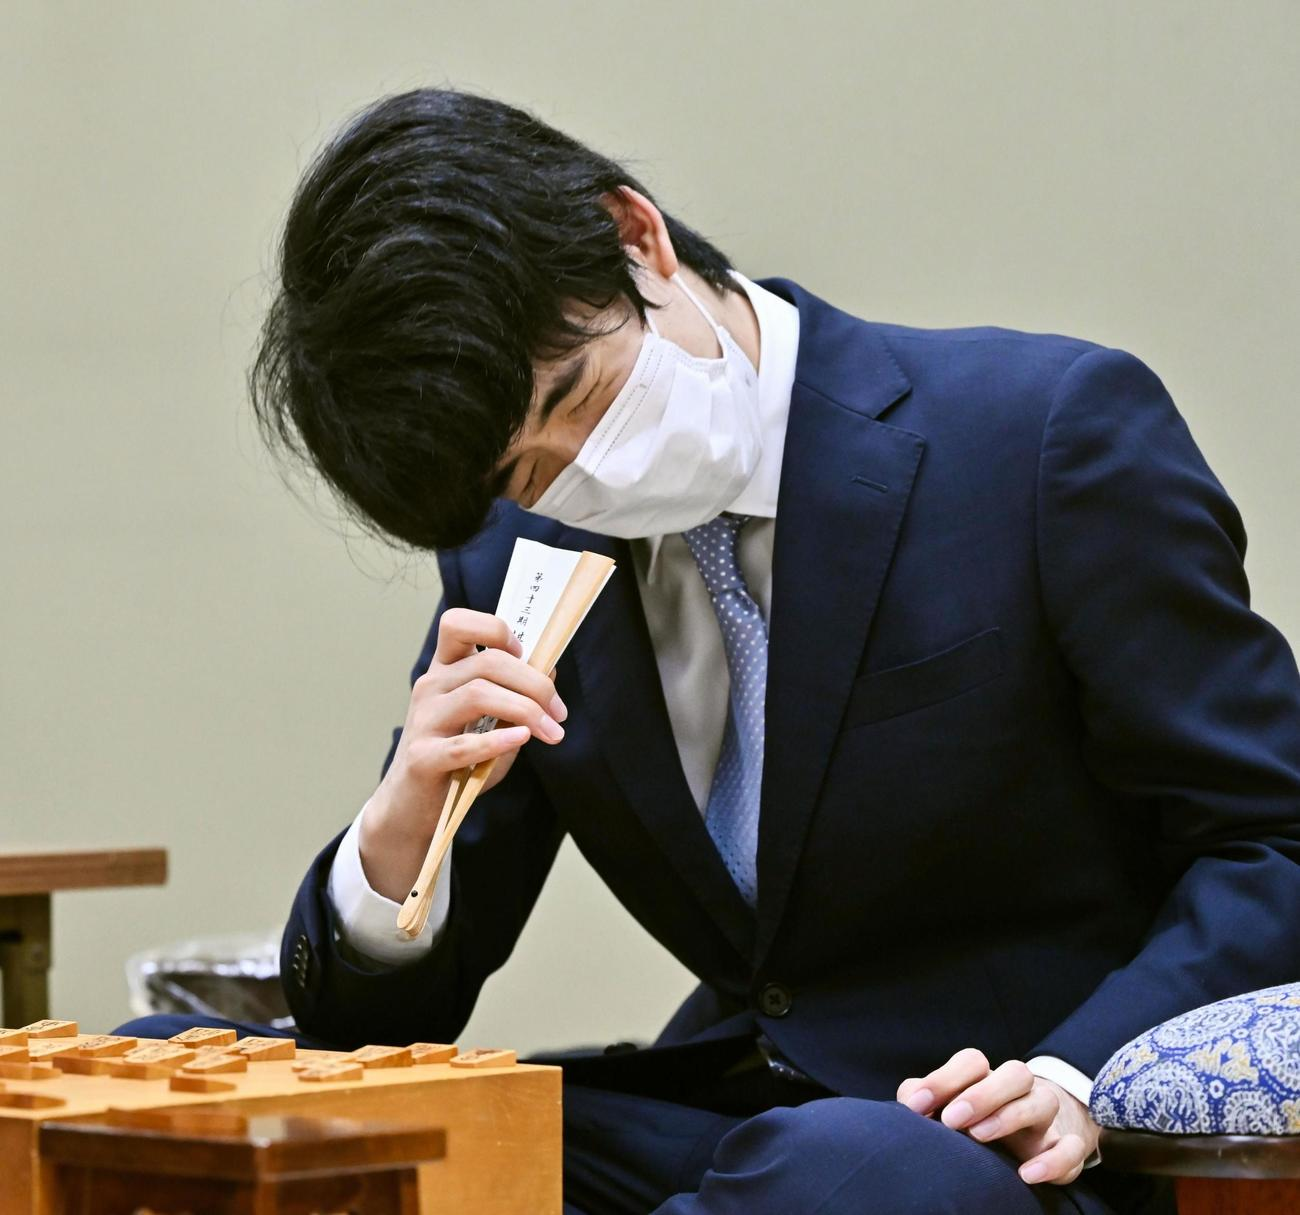 第47期棋王戦本戦トーナメント3回戦で敗れ、悔しそうな藤井聡太3冠